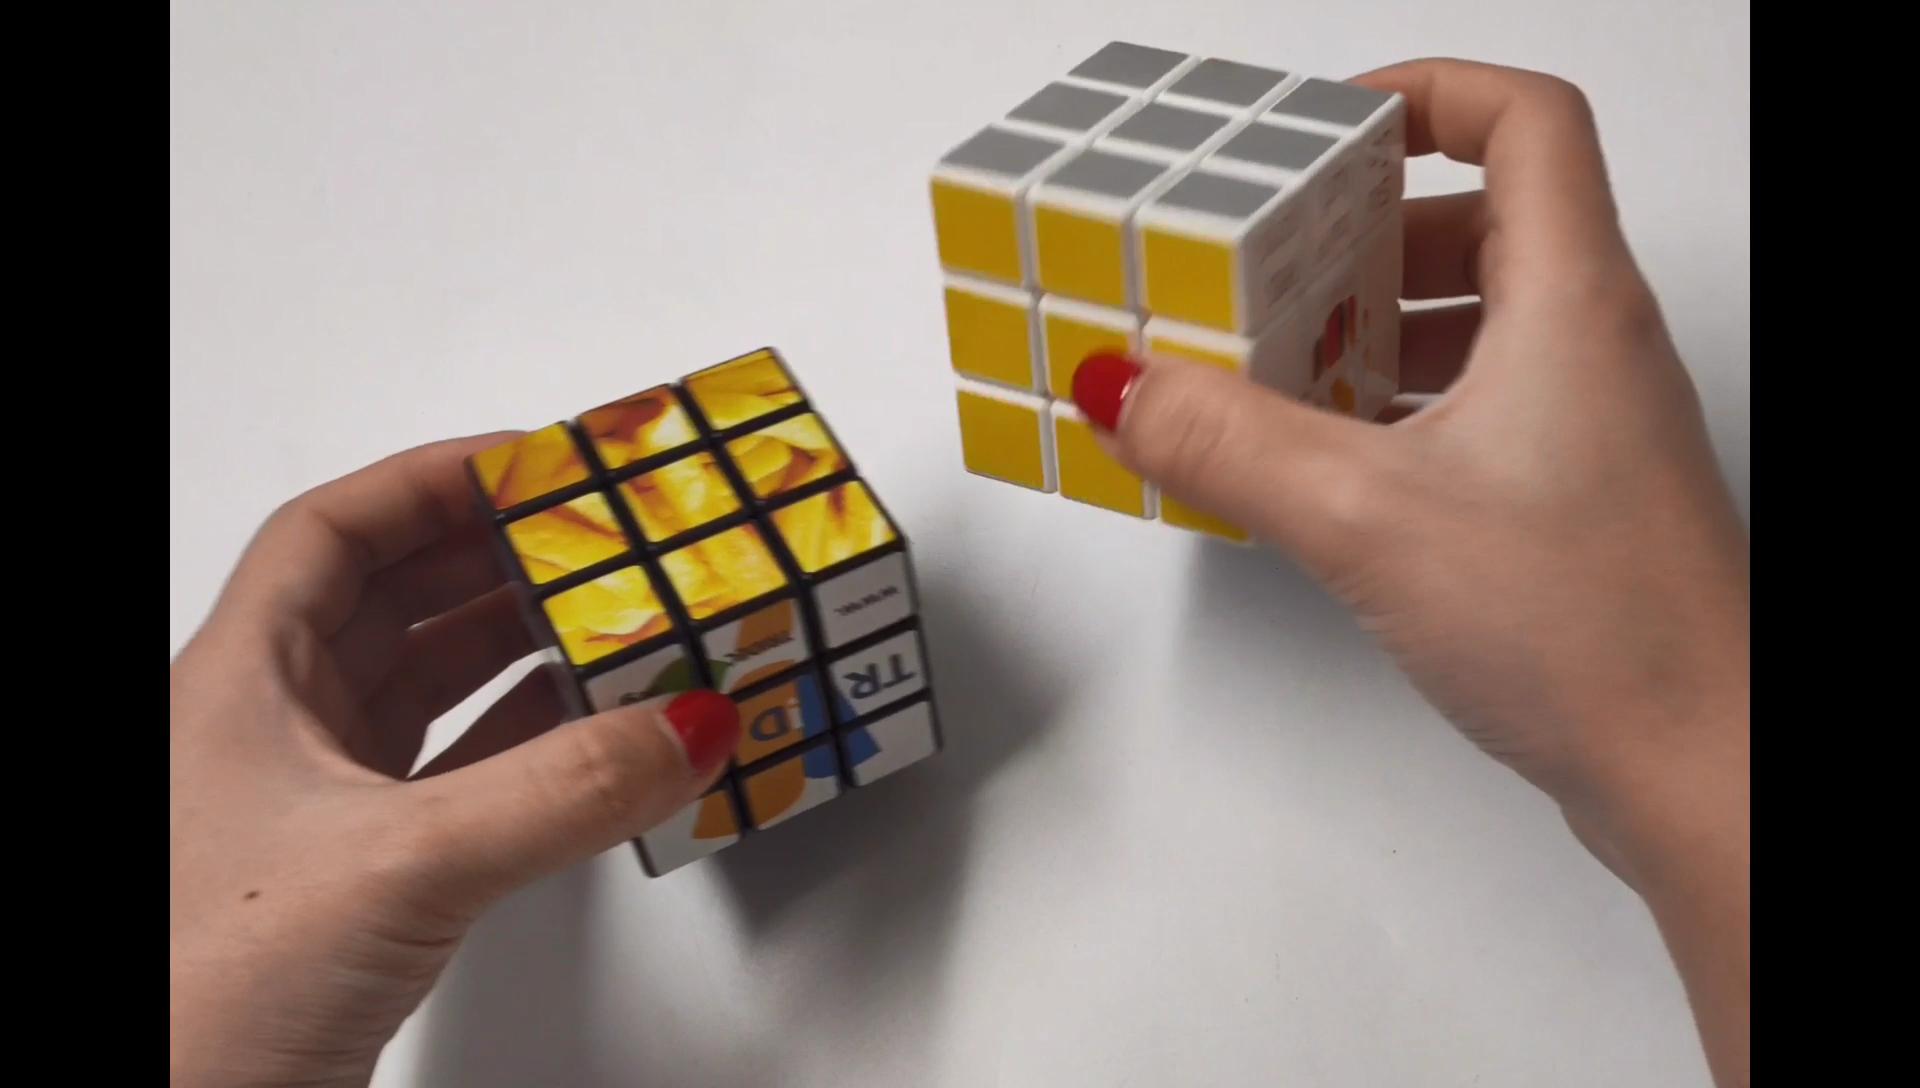 Promosi foto oem hot 3x3 custom mainan puzzle iklan tanpa stiker magic cube dengan logo